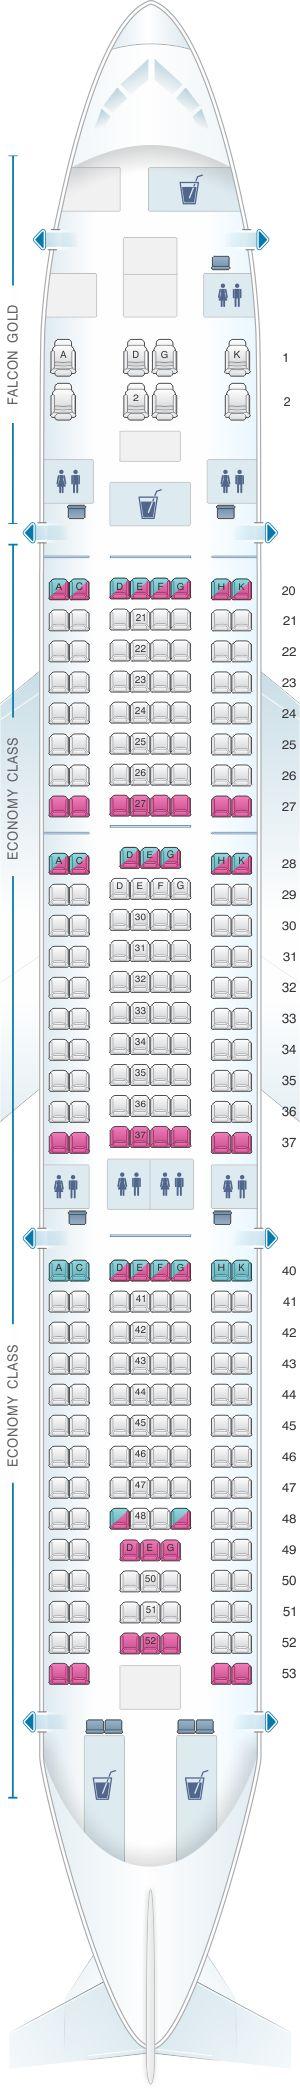 Seat Map Gulf Air Airbus A330 200 Config. 1